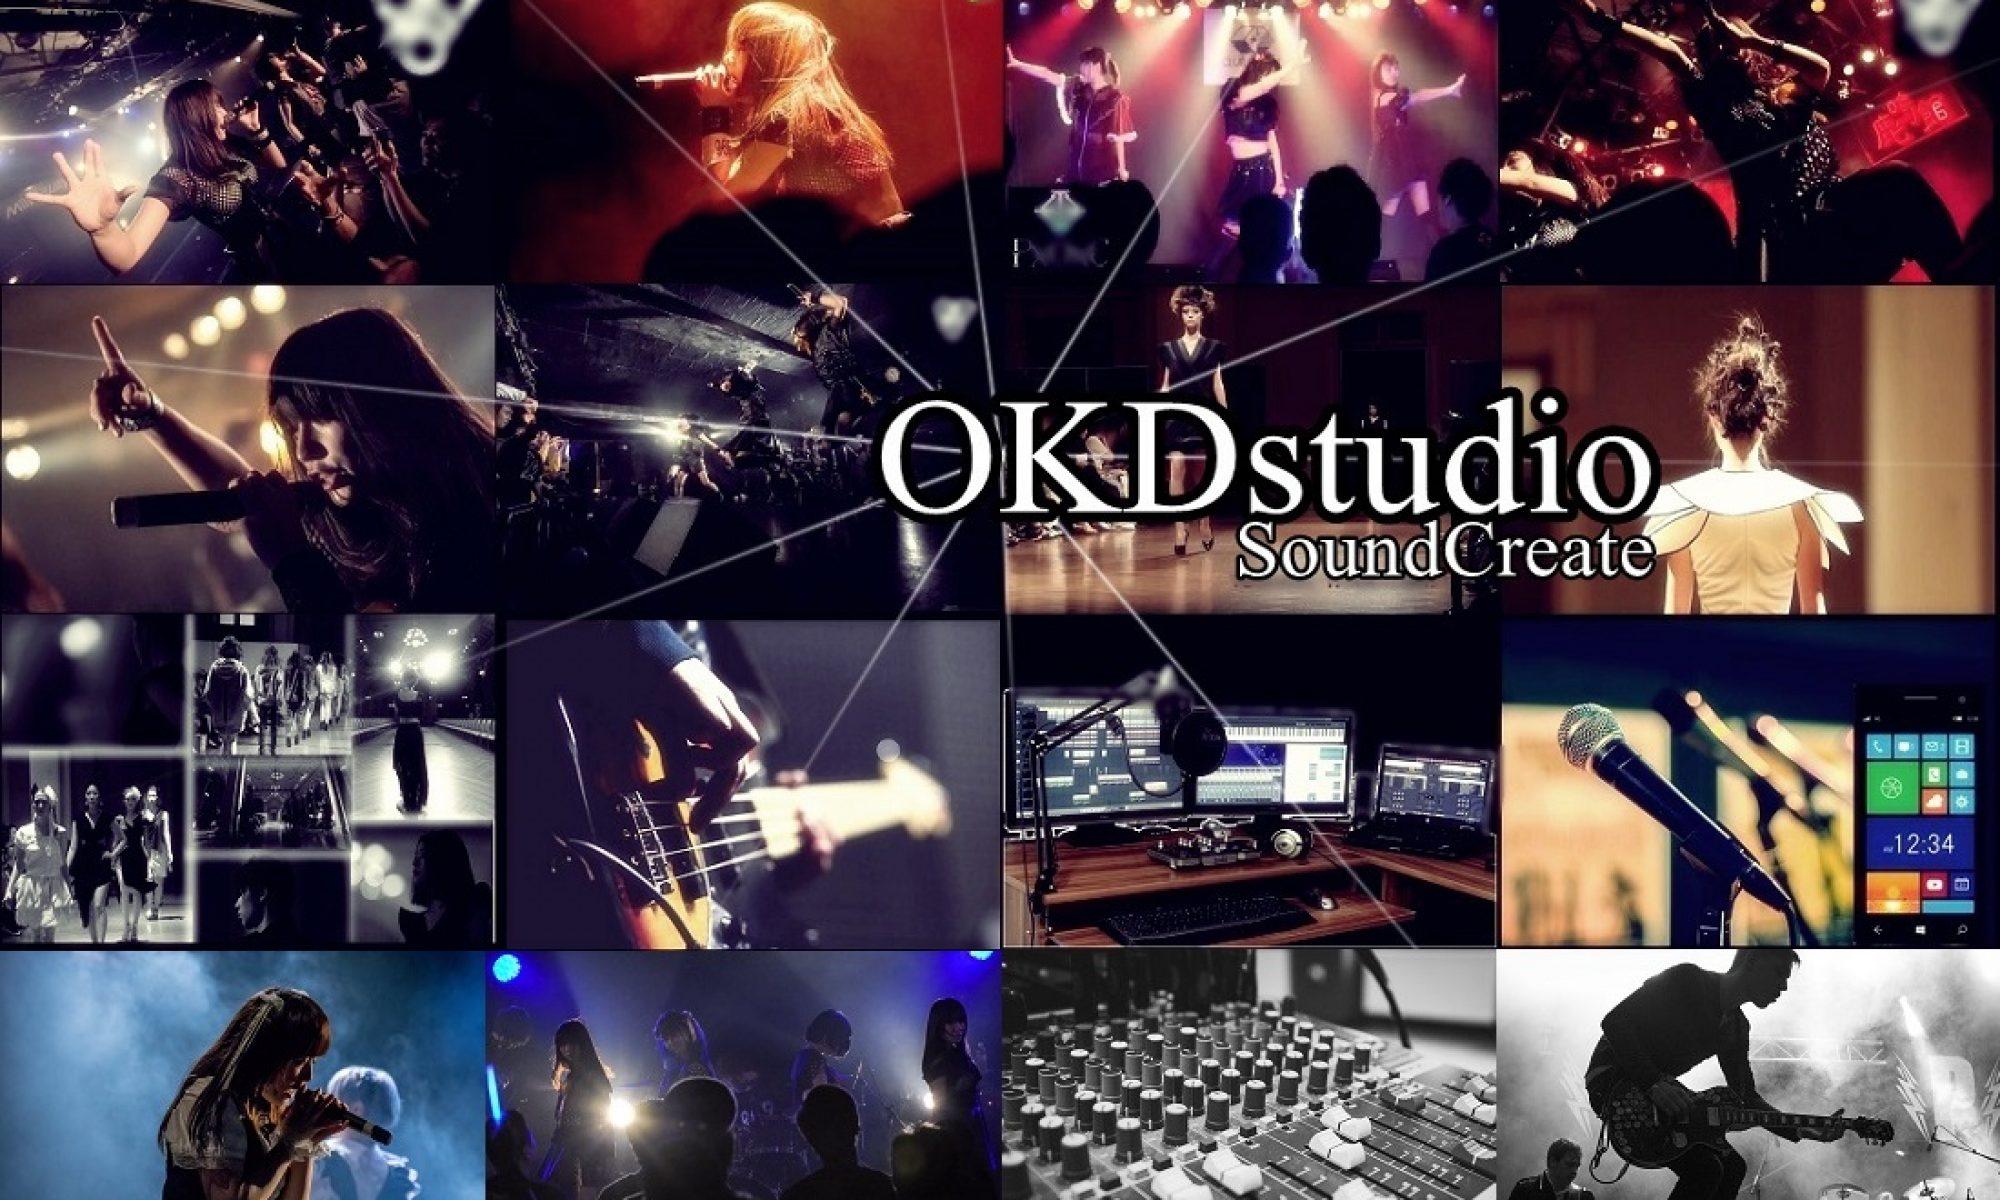 okd studio